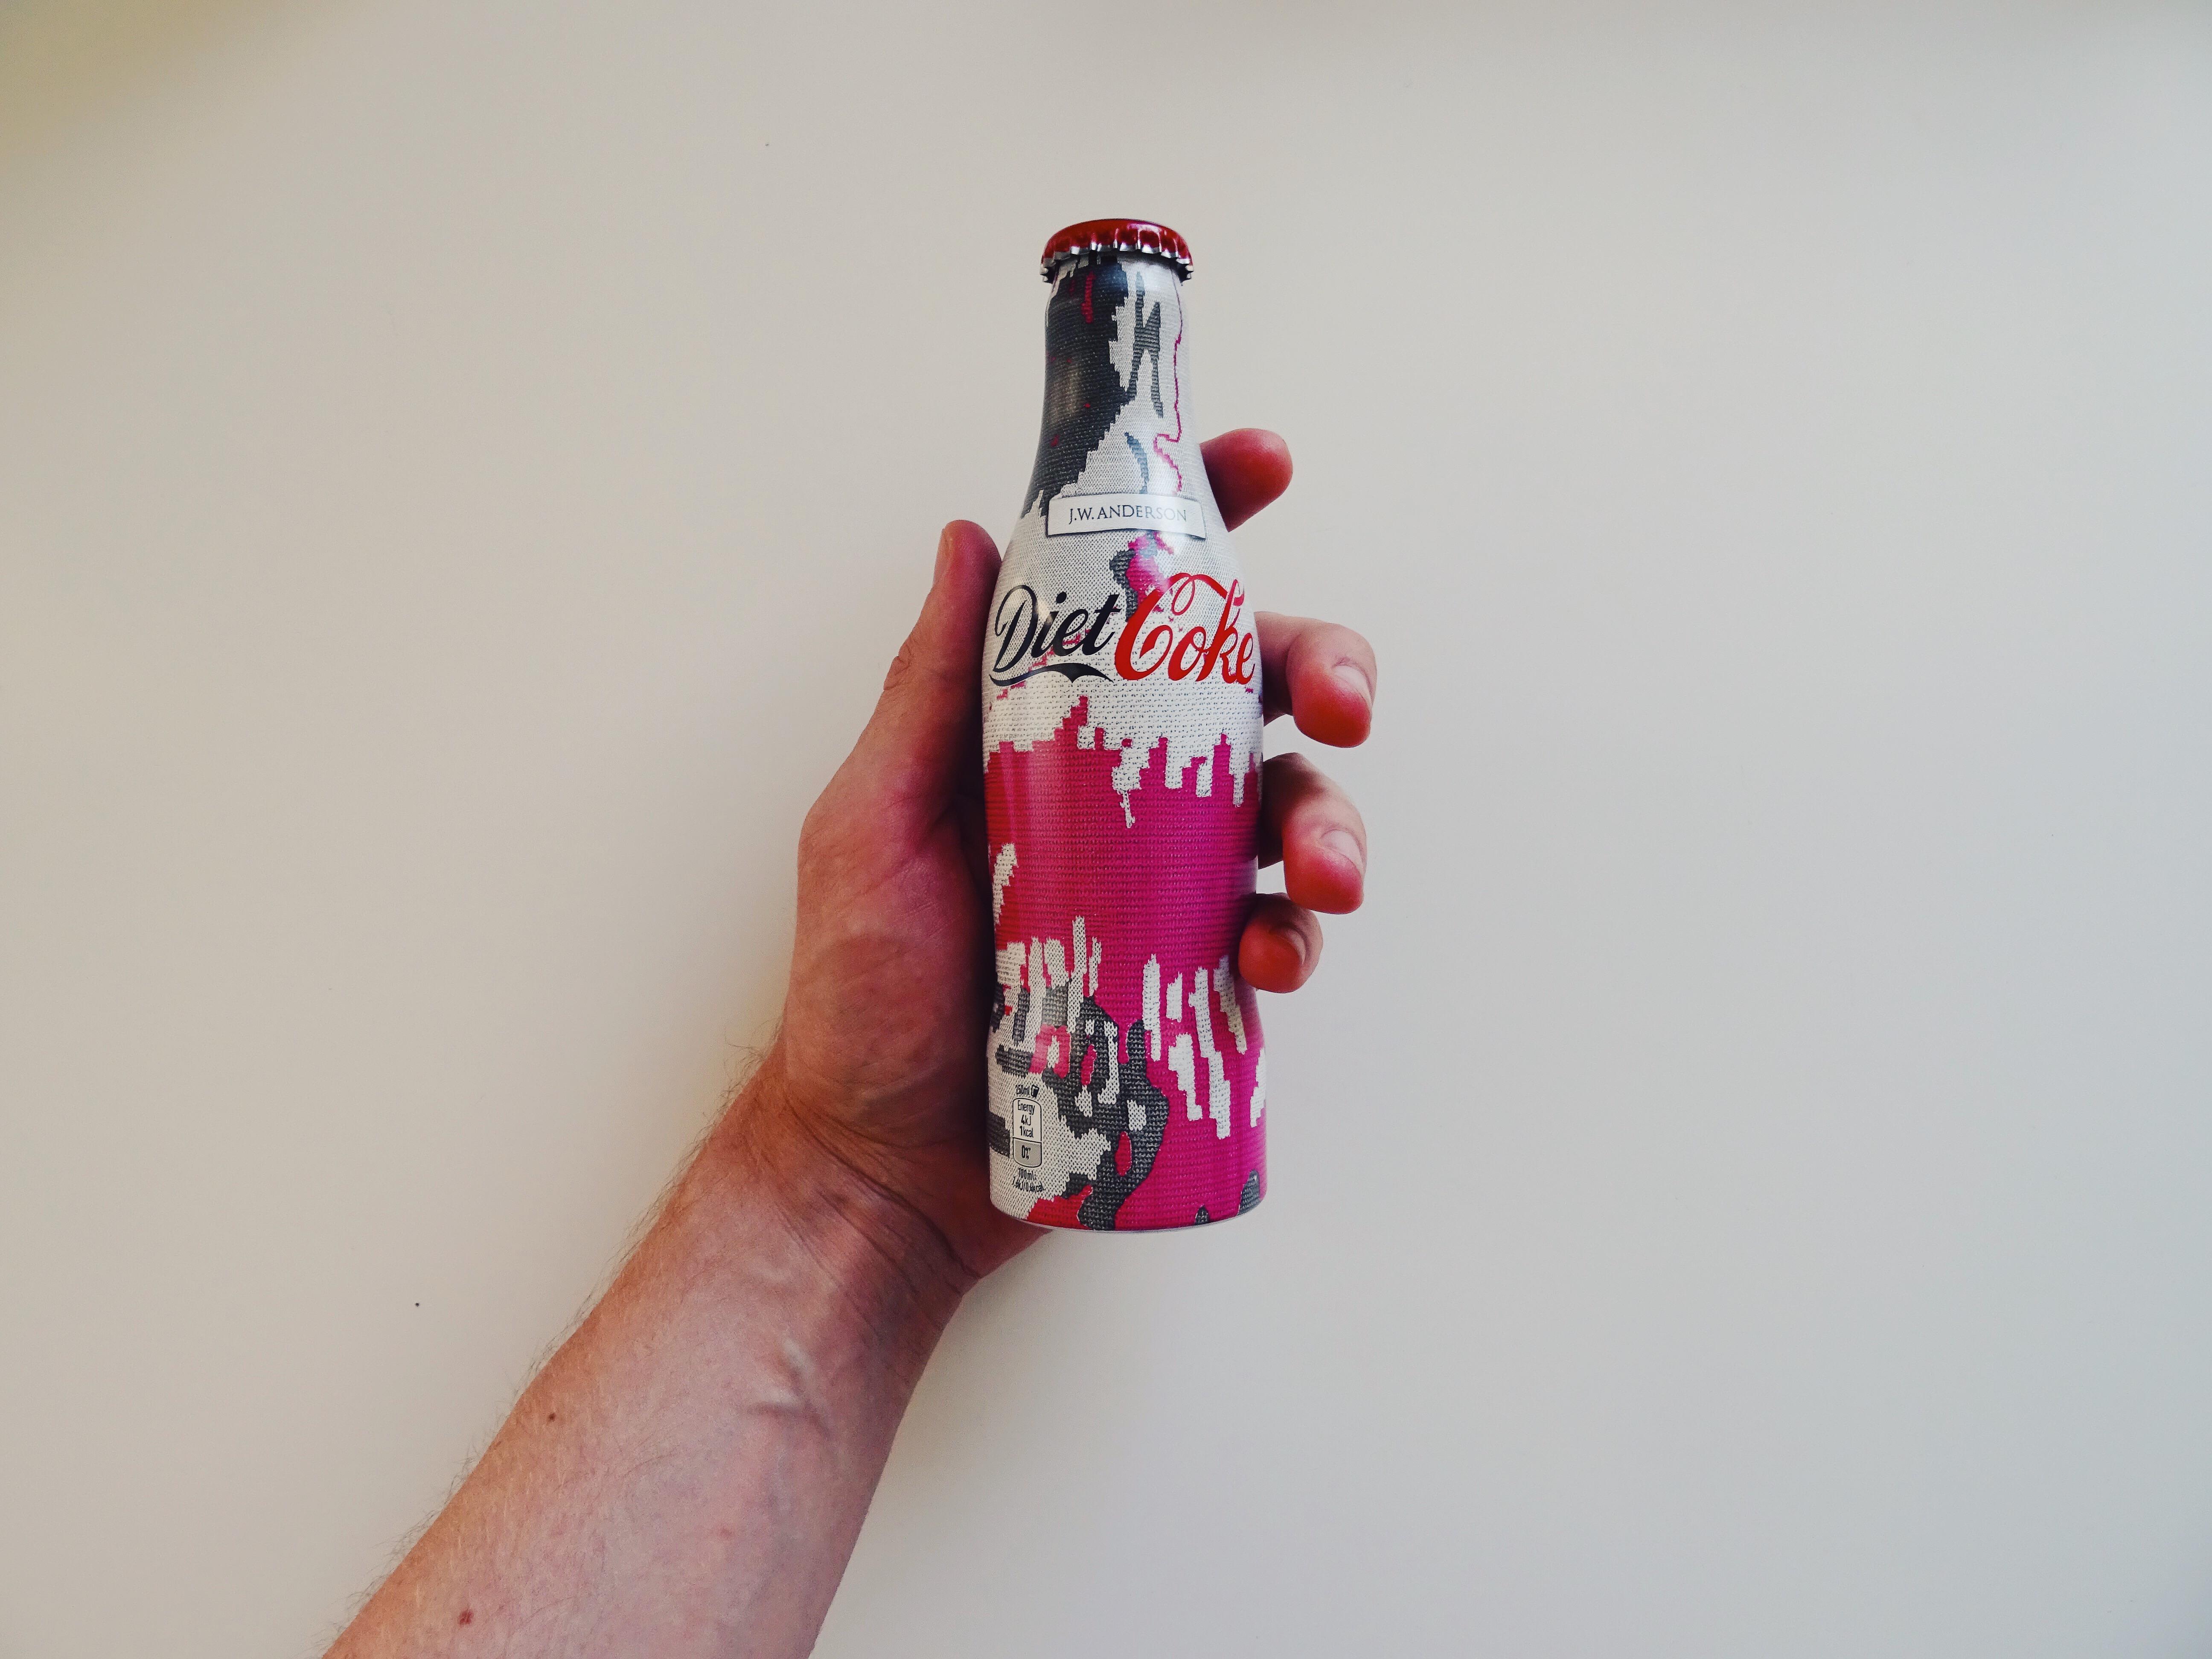 J.W. Anderson Diet Coke